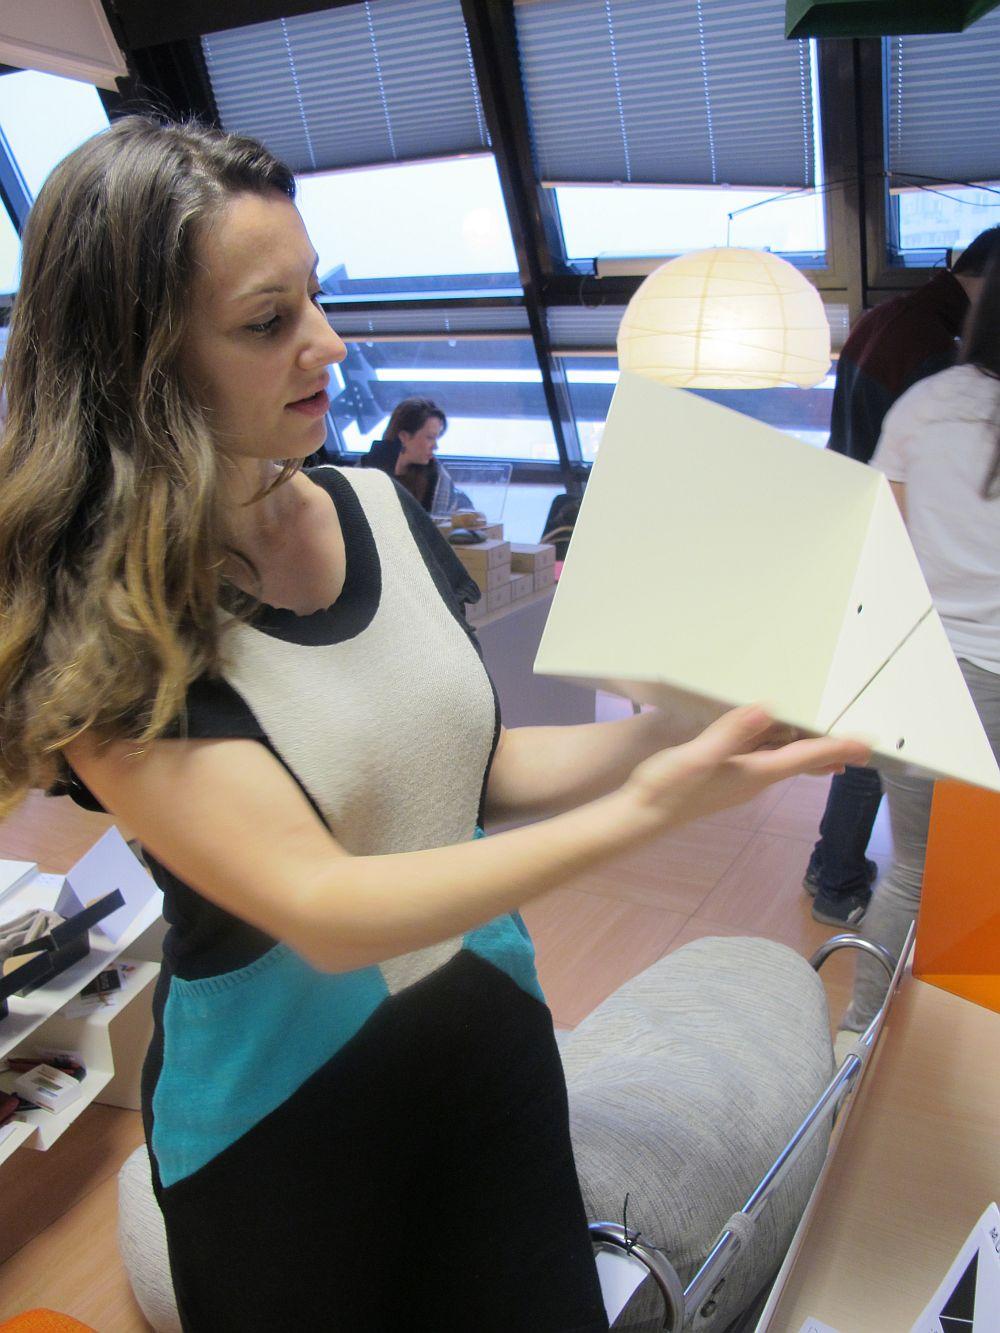 adelaparvu.com about Rizi design products, designers arch.Alina Rizescu and Bogdan Stefanescu (7)